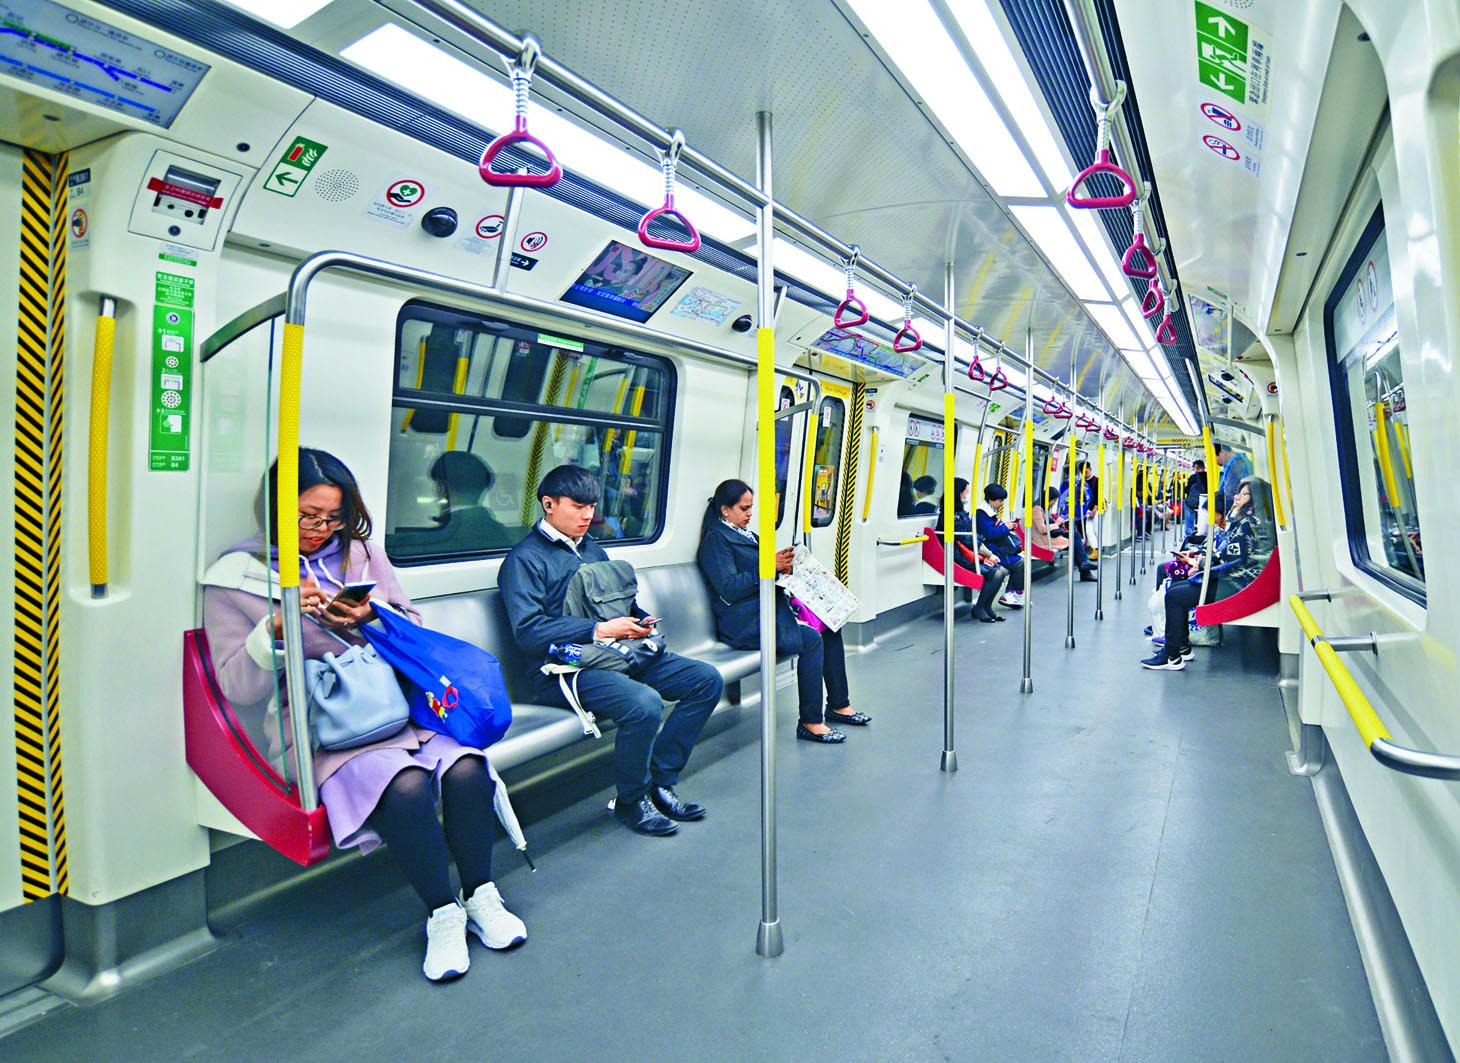 社會動盪,港鐵乘客量大減。